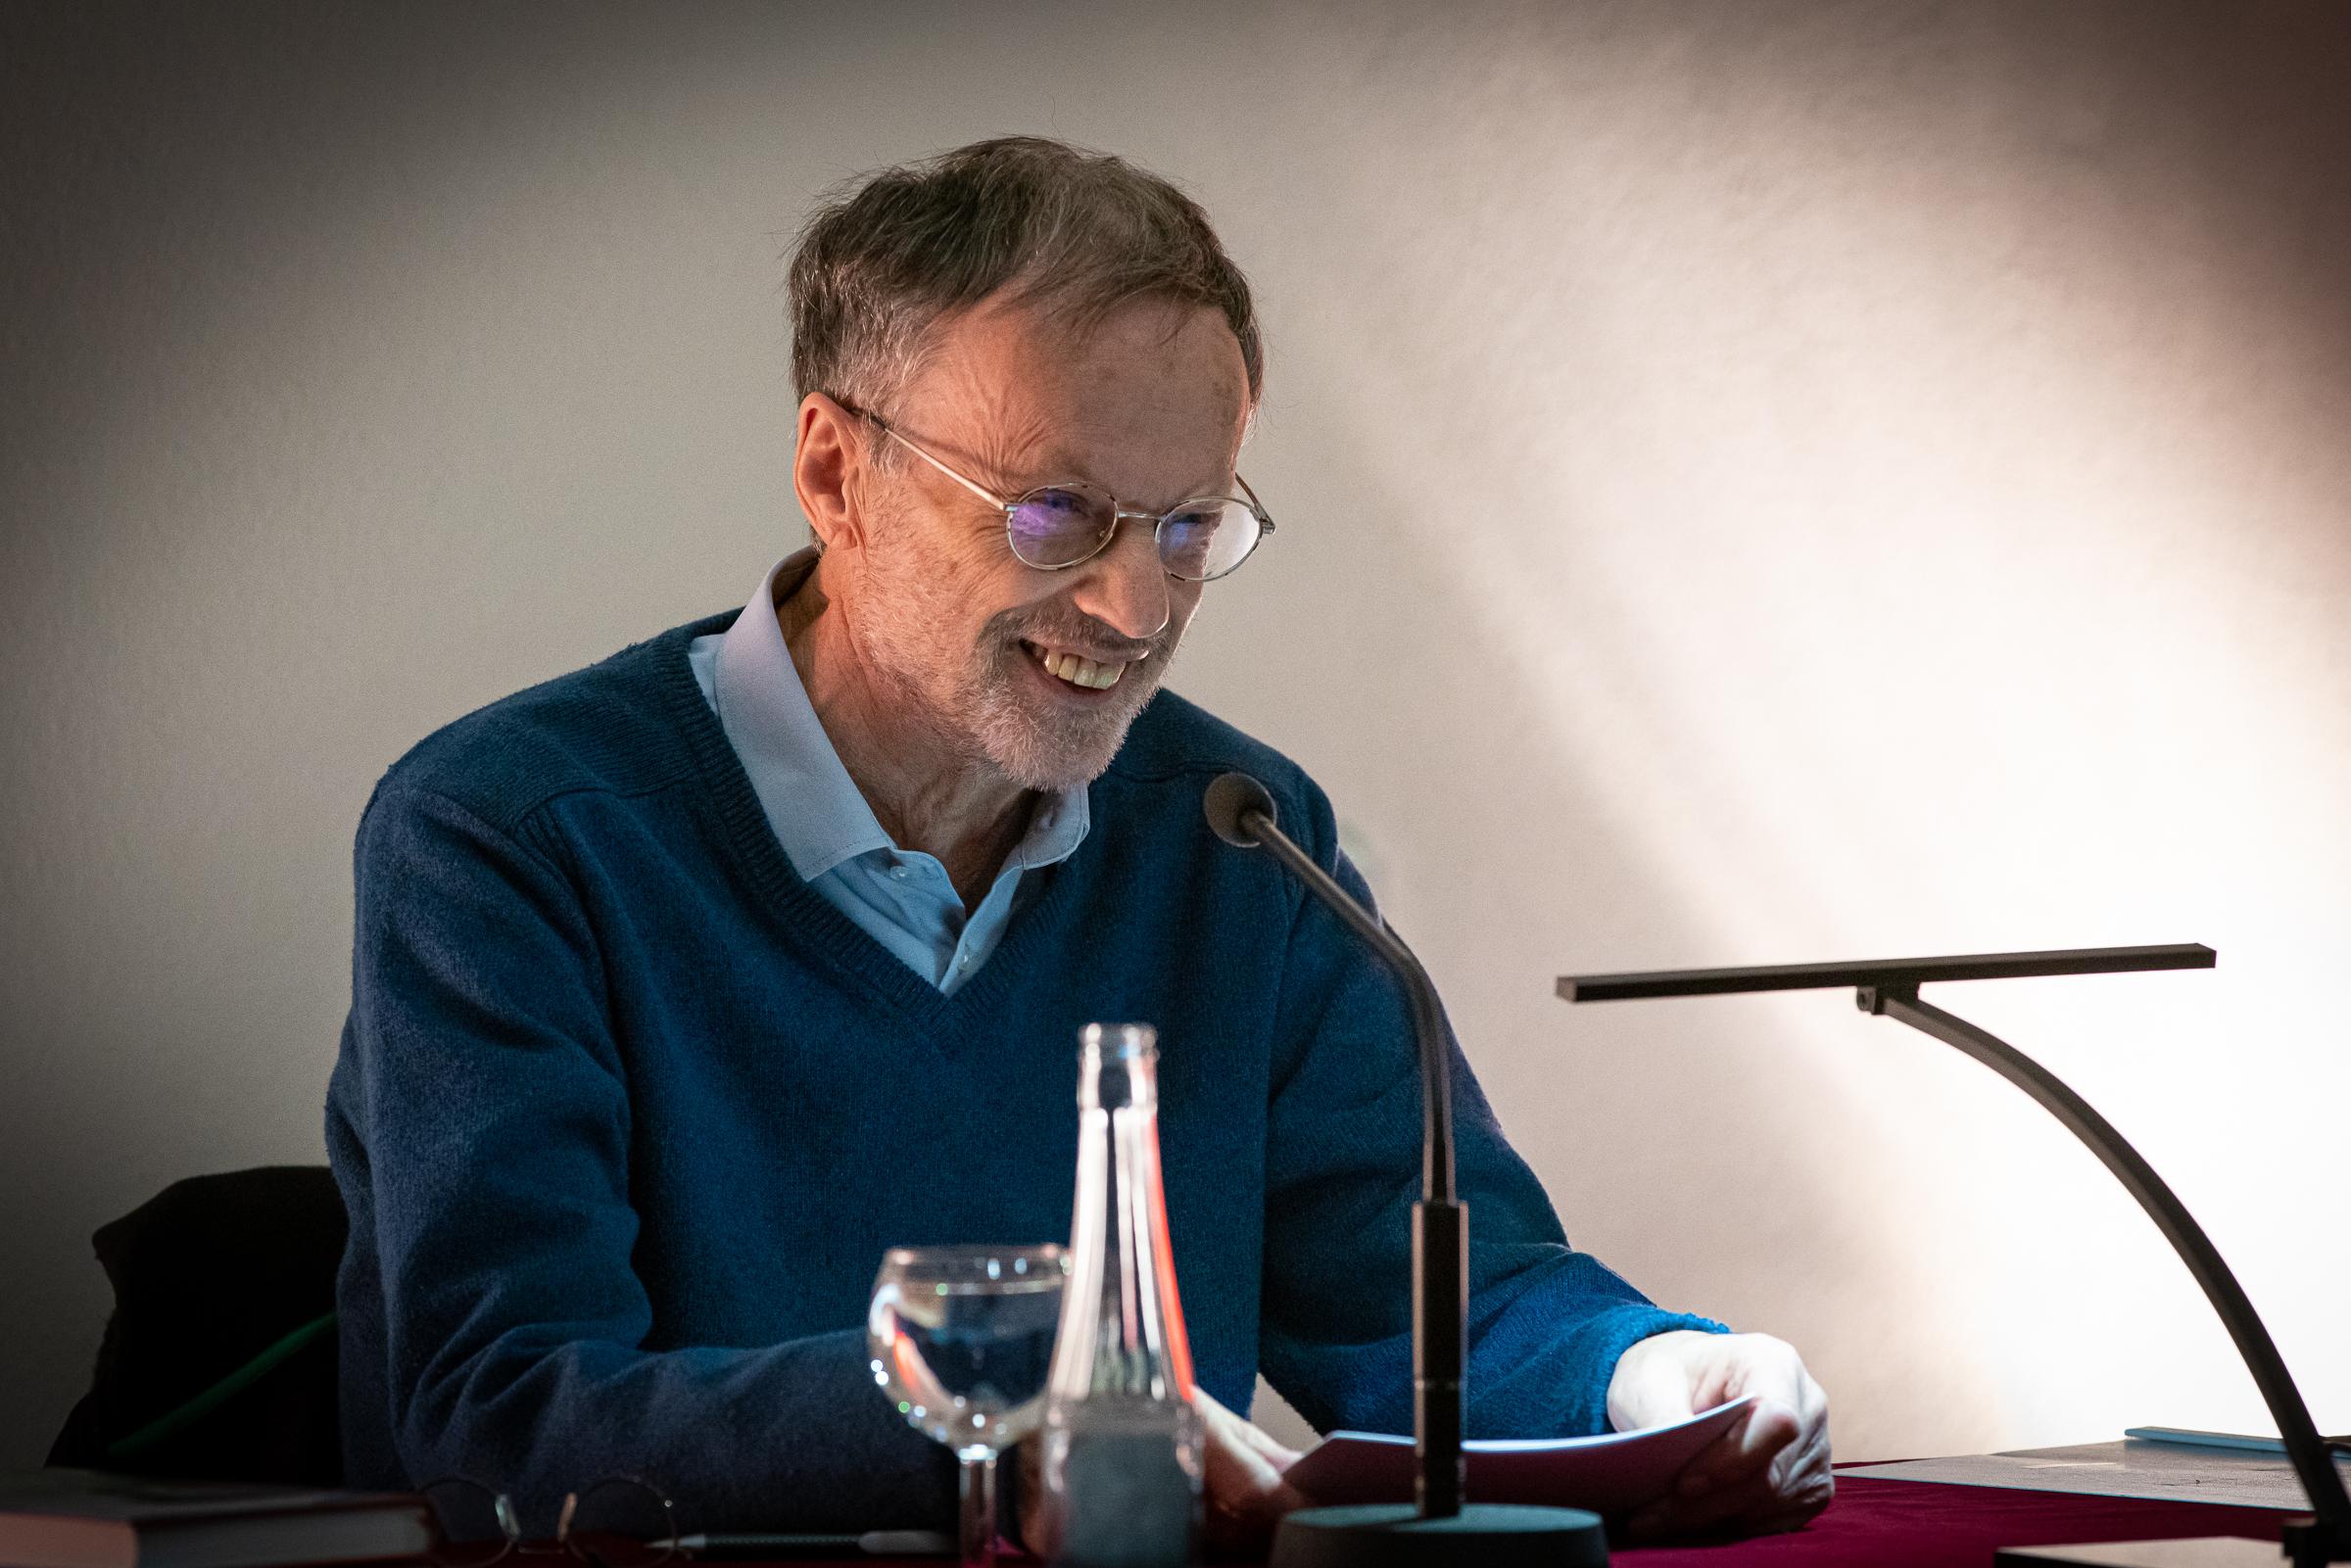 12.10.2019 – Dr. Nicolay in 'Kommunikation in Nahtoderfahrungen'